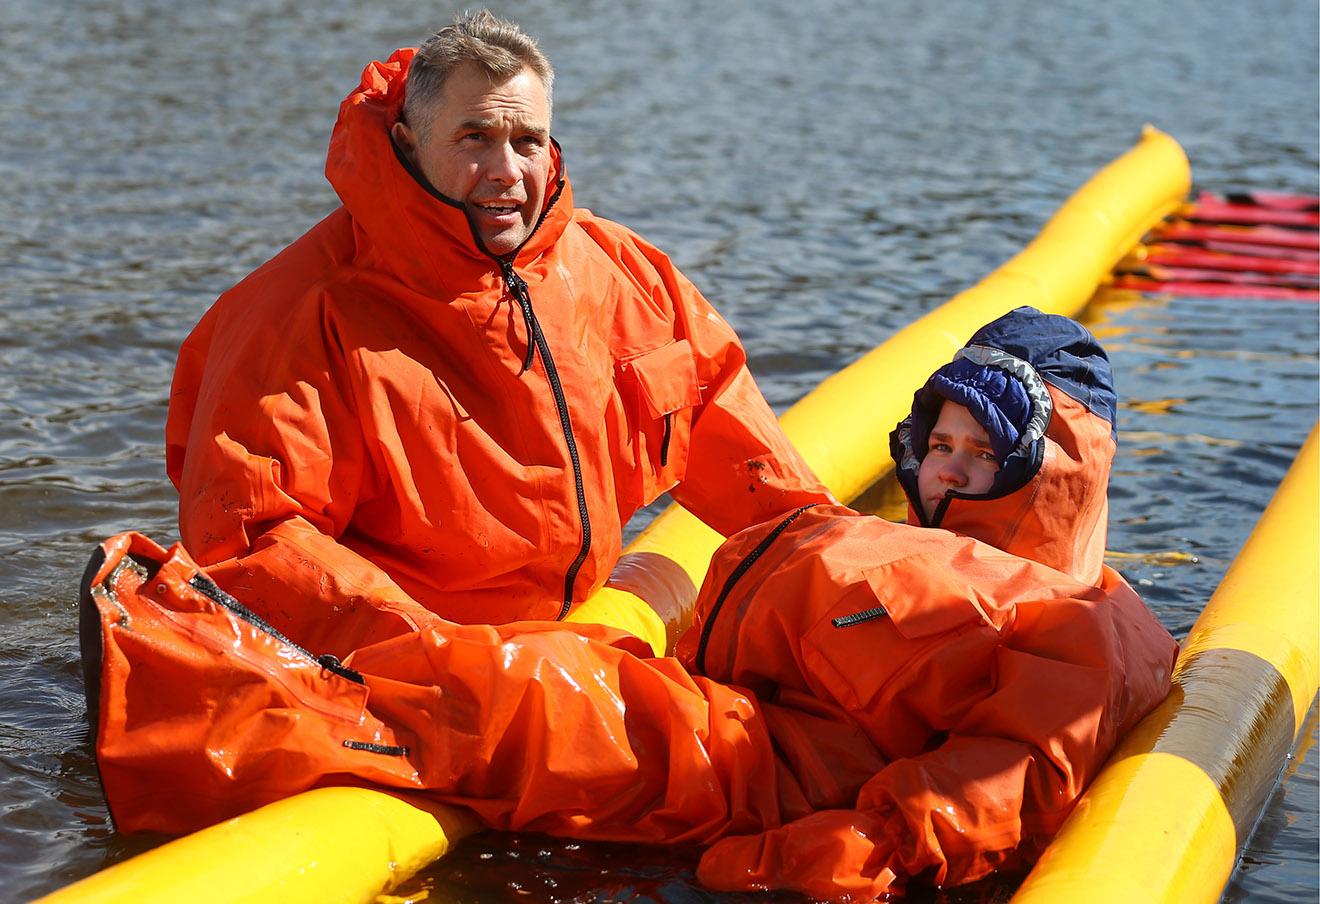 Павел Астахов и один из участников экспедиции во время испытания специальных гидрокостюмов для преодоления водных препятствий, 2014 год.